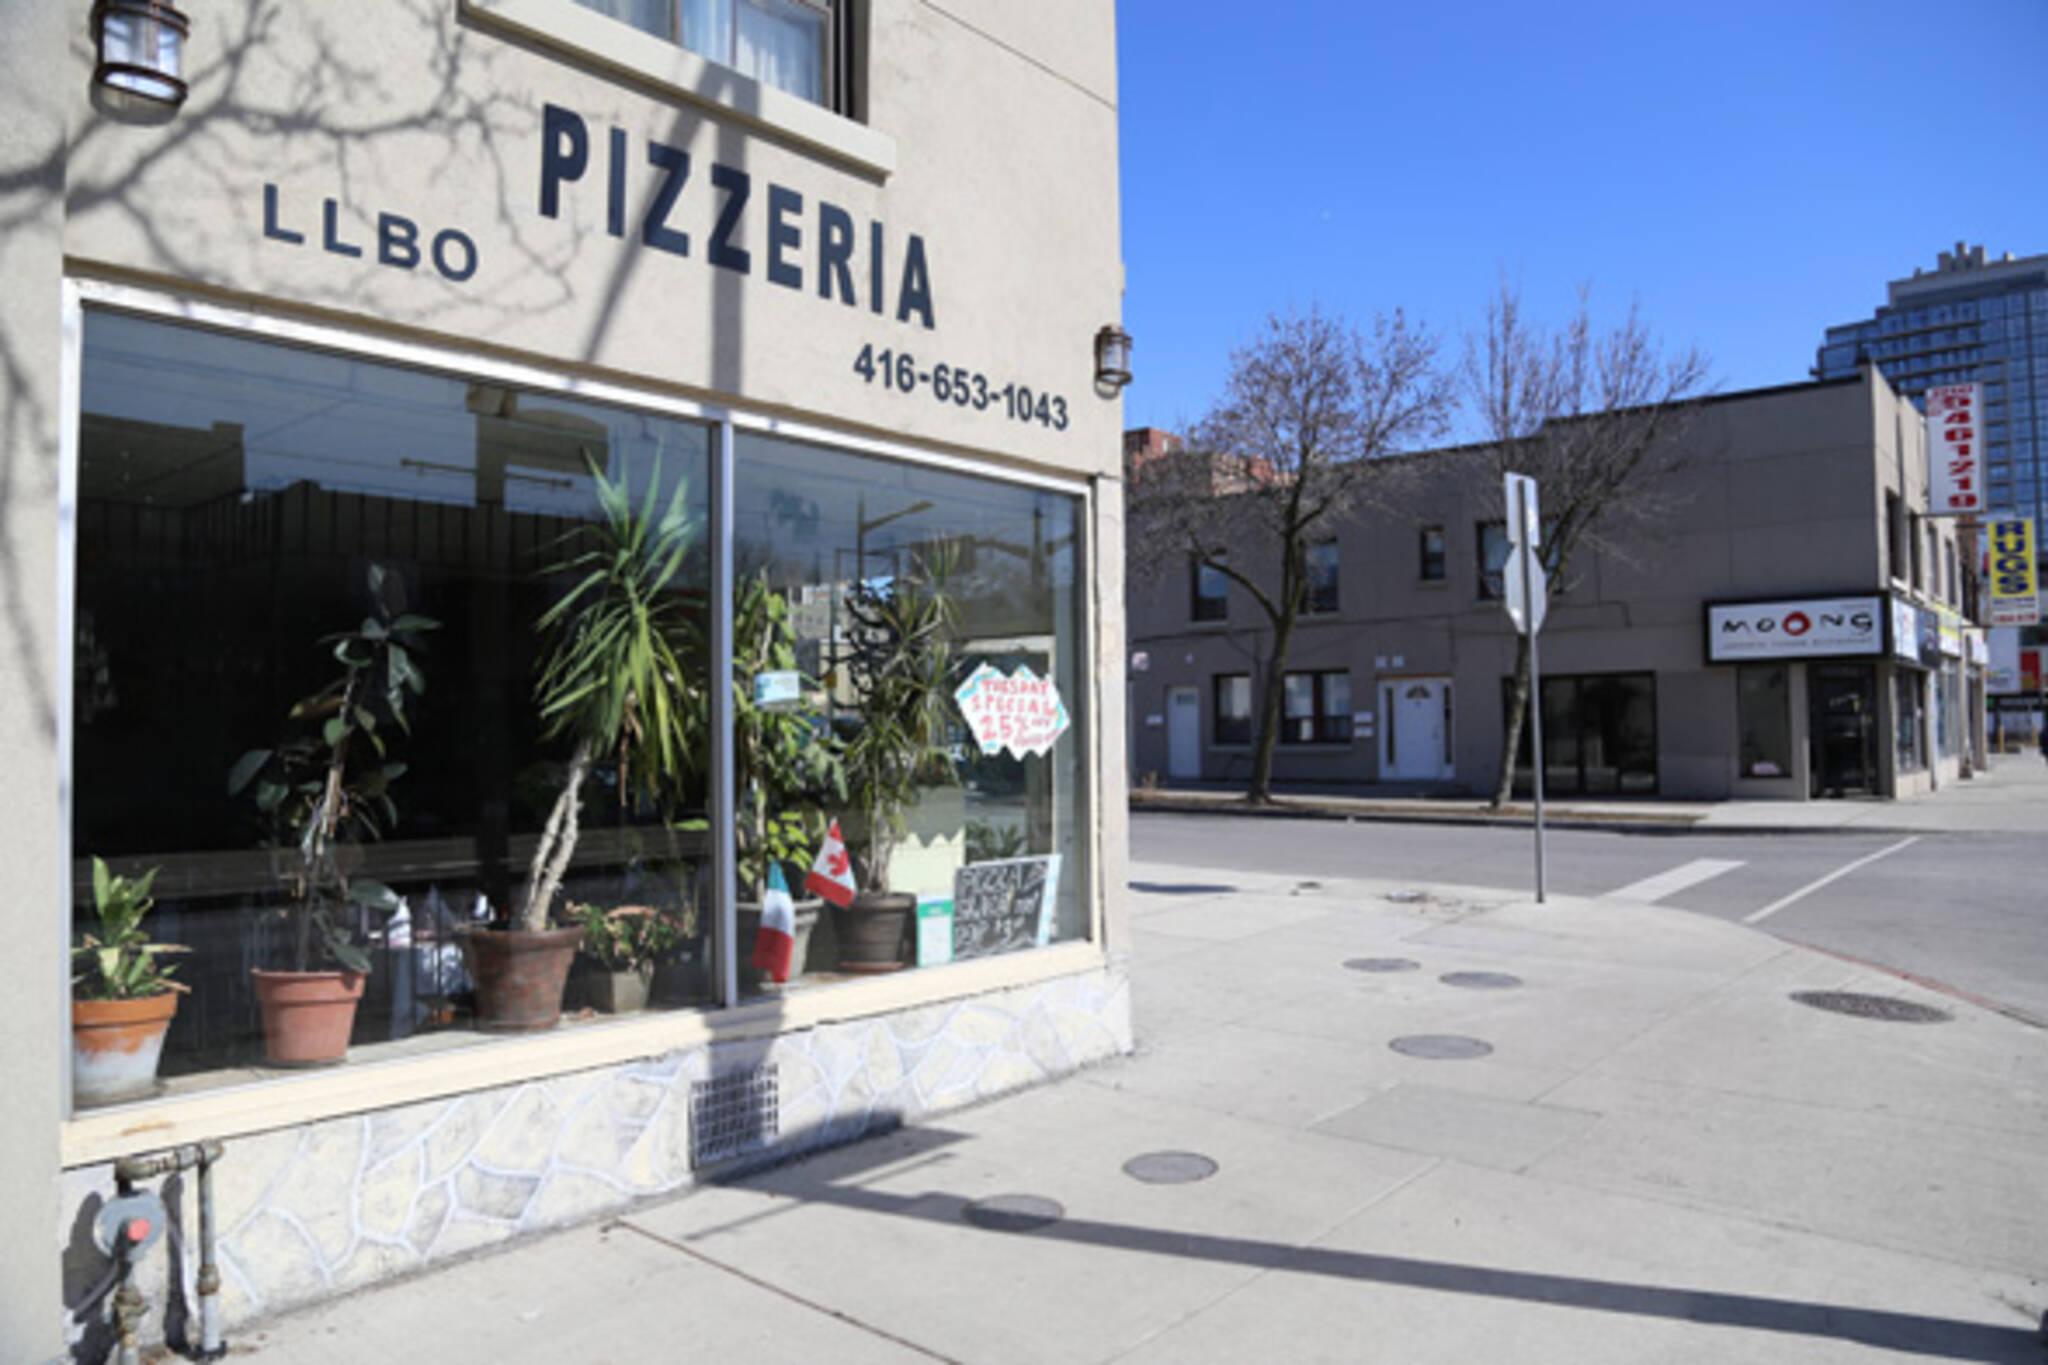 Da Maria Pizzeria Toronto